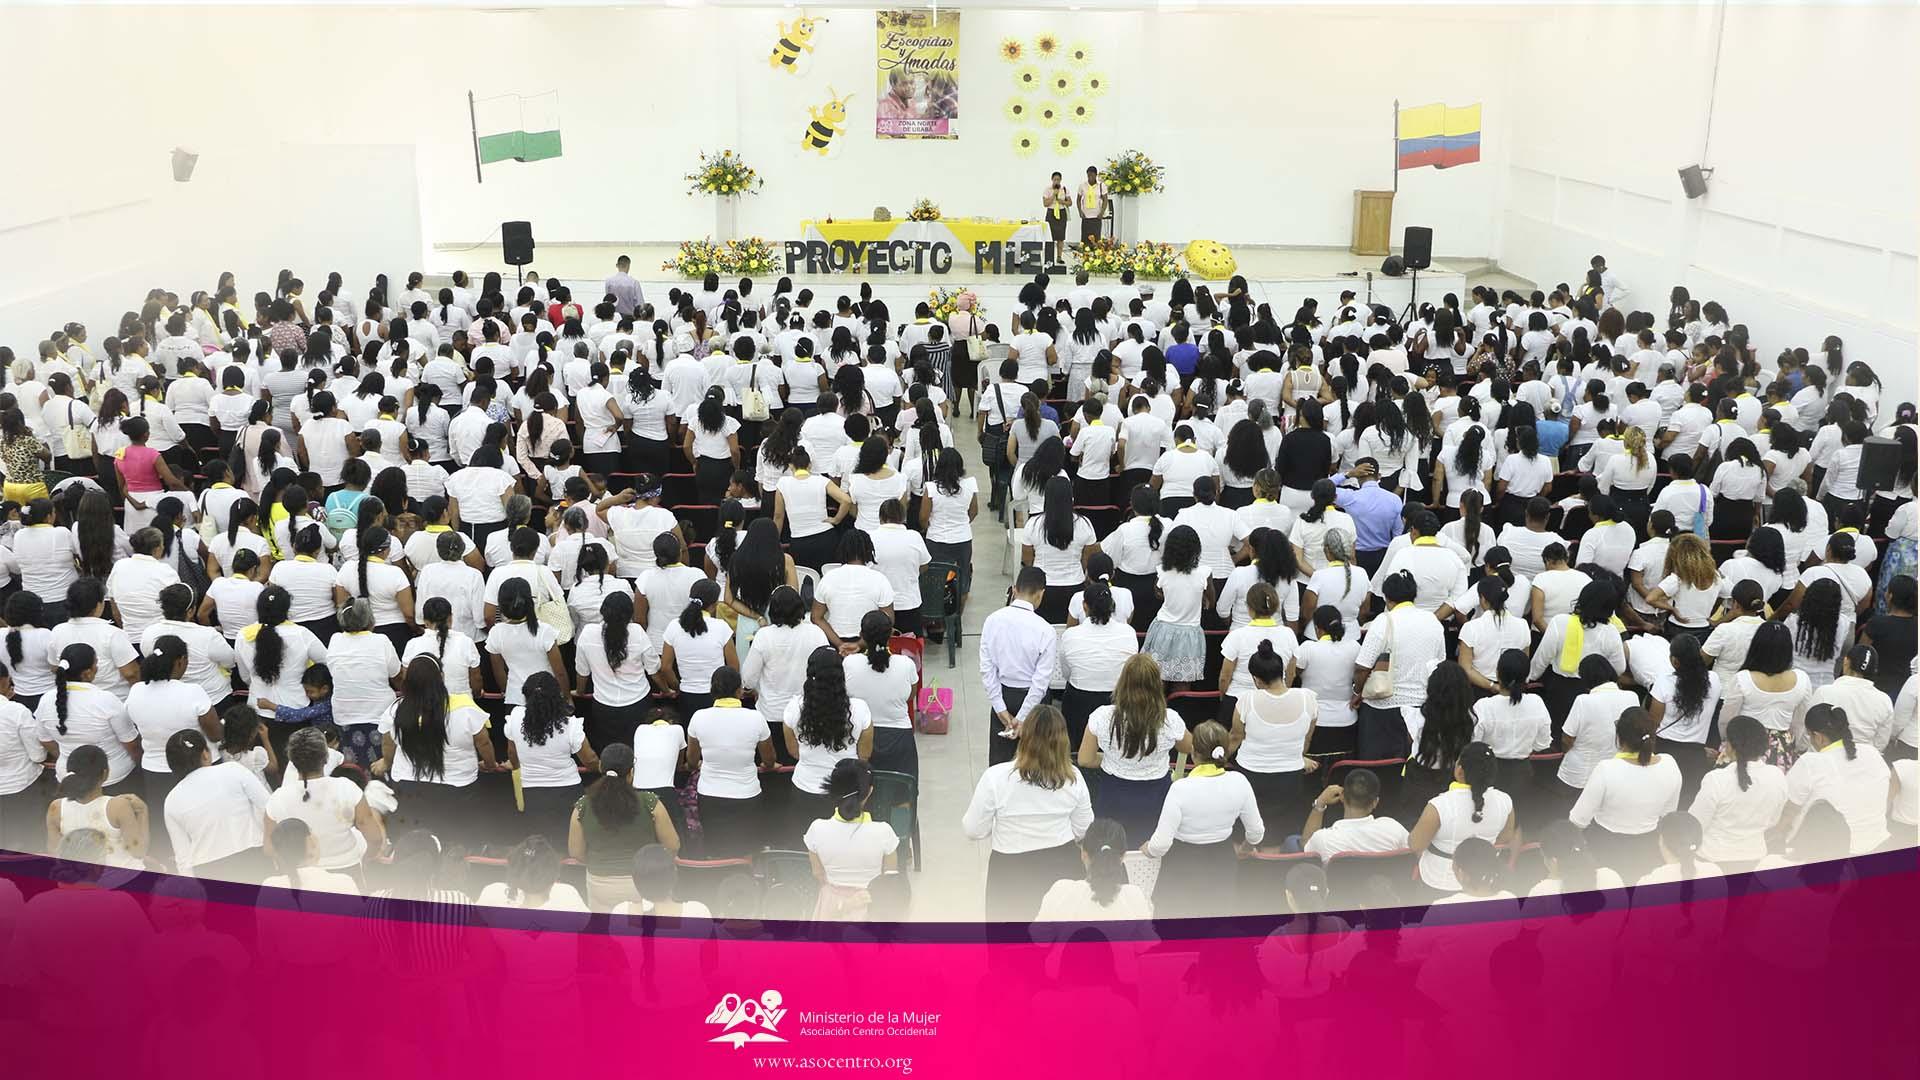 """Mujeres de la Zona norte de Urabá celebran congreso del Ministerio de la Mujer """"Escogidas y Amadas para Servir"""" y el lanzamiento del Proyecto MIEL."""